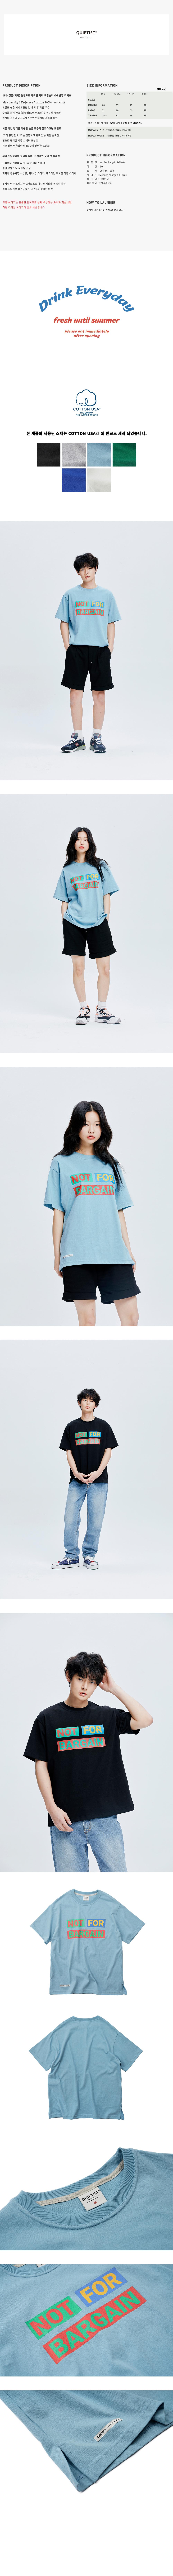 08_Not For Bargain T-Shirts (sky).jpg